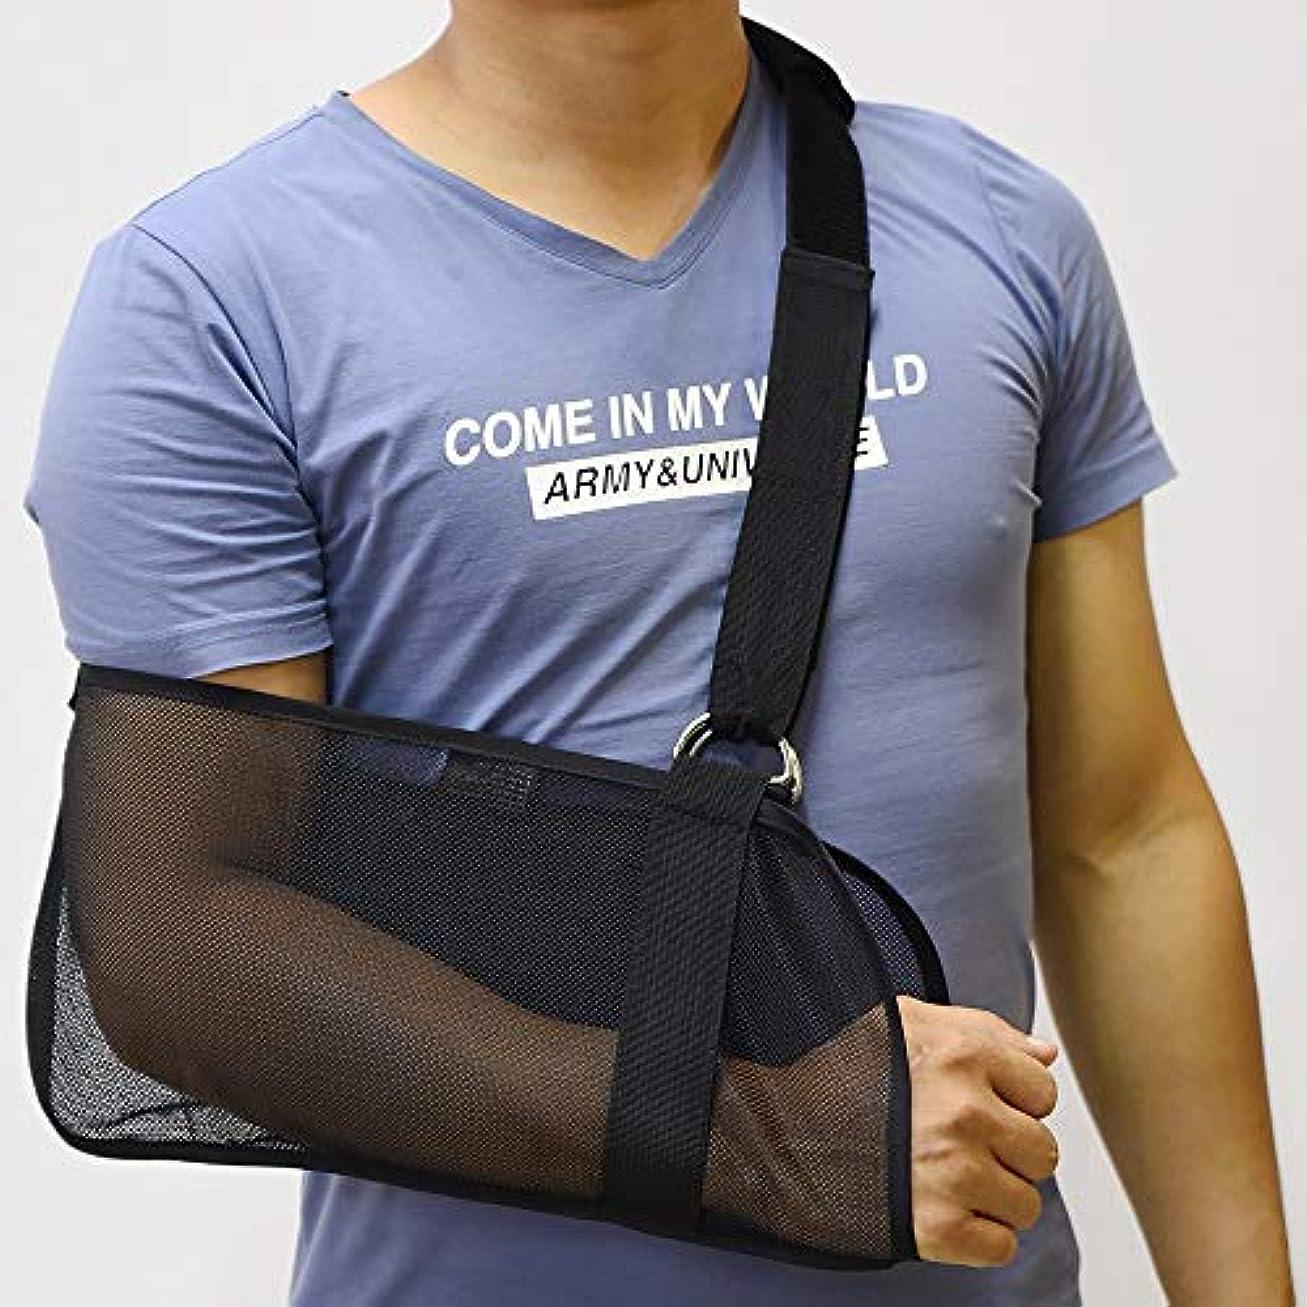 書き出す初心者幅ZYL-YL アームスリング肘関節固定装具をハンギング前腕スリング腕の骨折固定ベルトサマーメッシュ通気性 (色 : 黒)